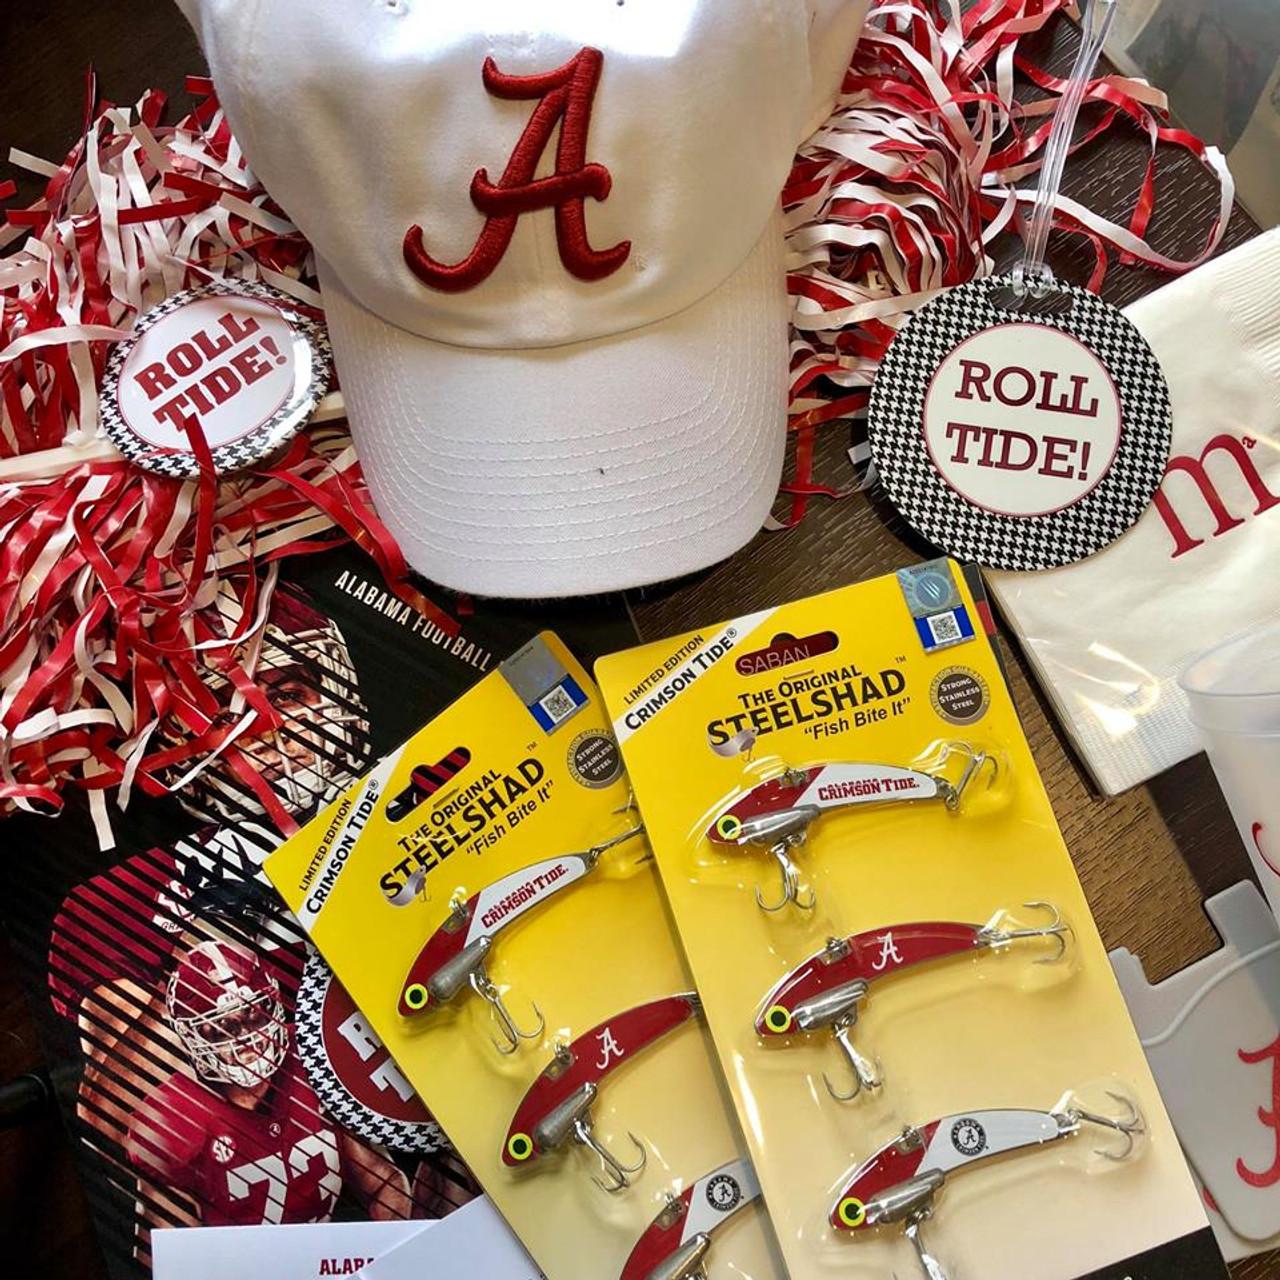 SteelShad University of Alabama 3 Pack